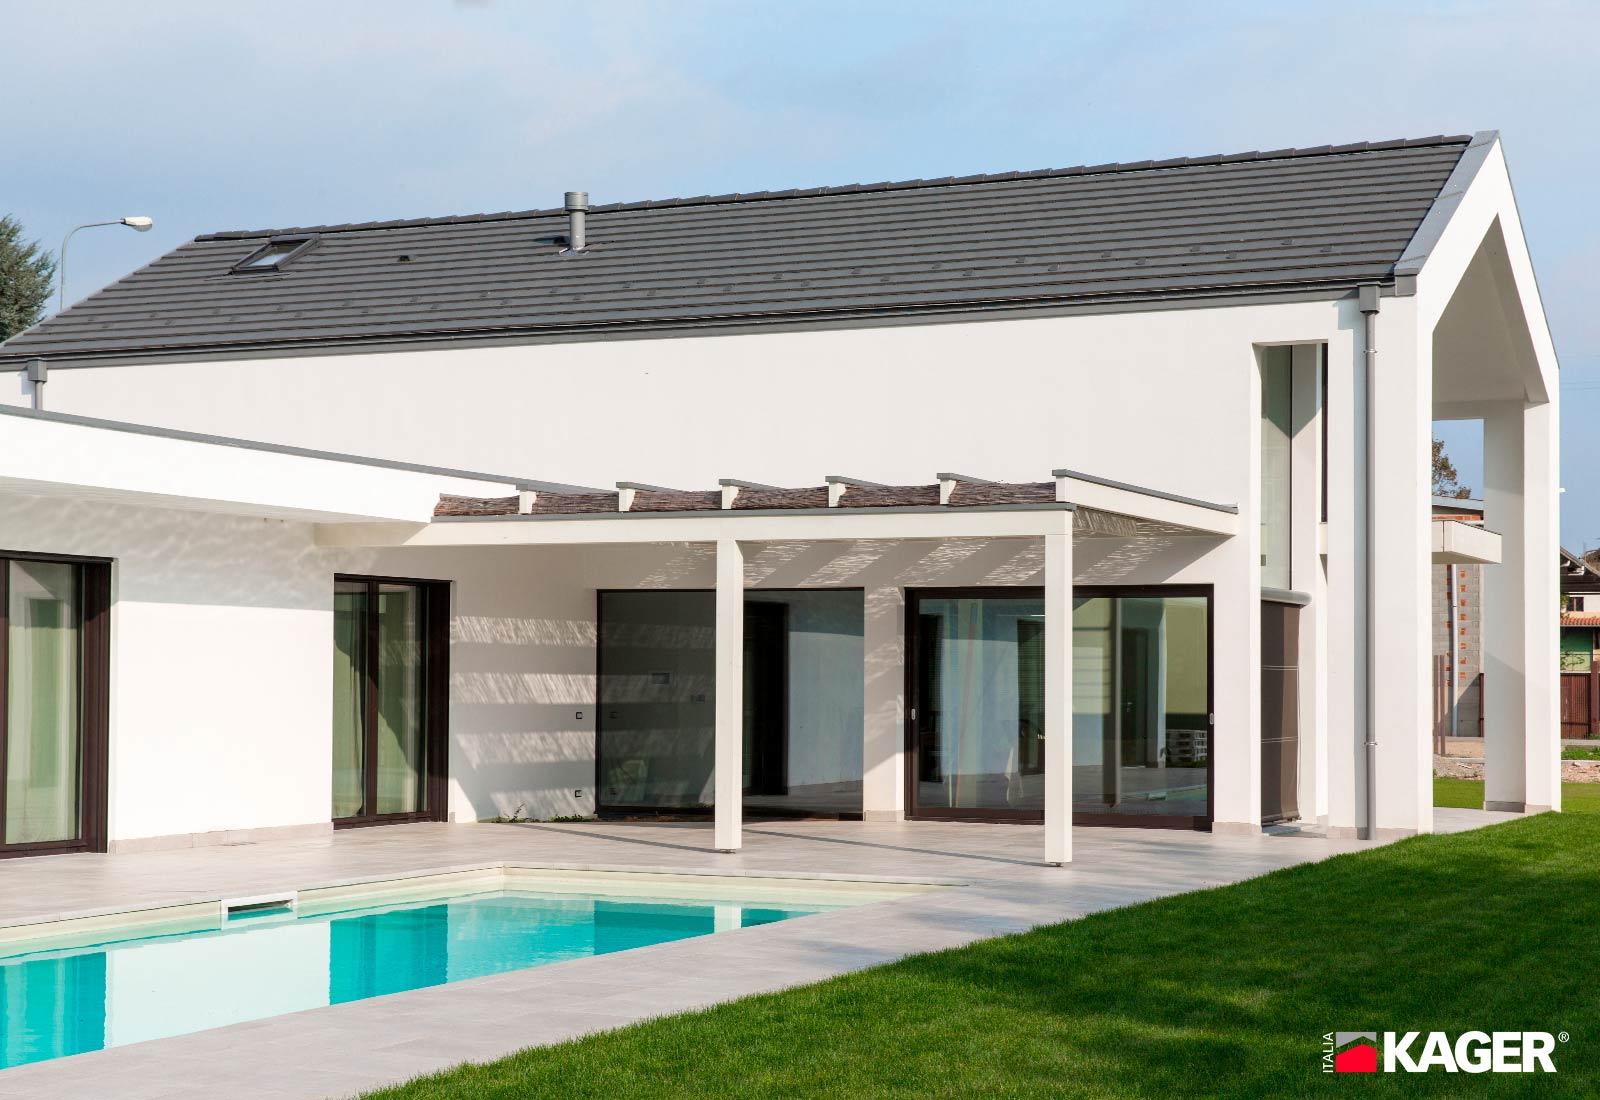 Casa-in-legno-Cureggio-Kager-Italia-02